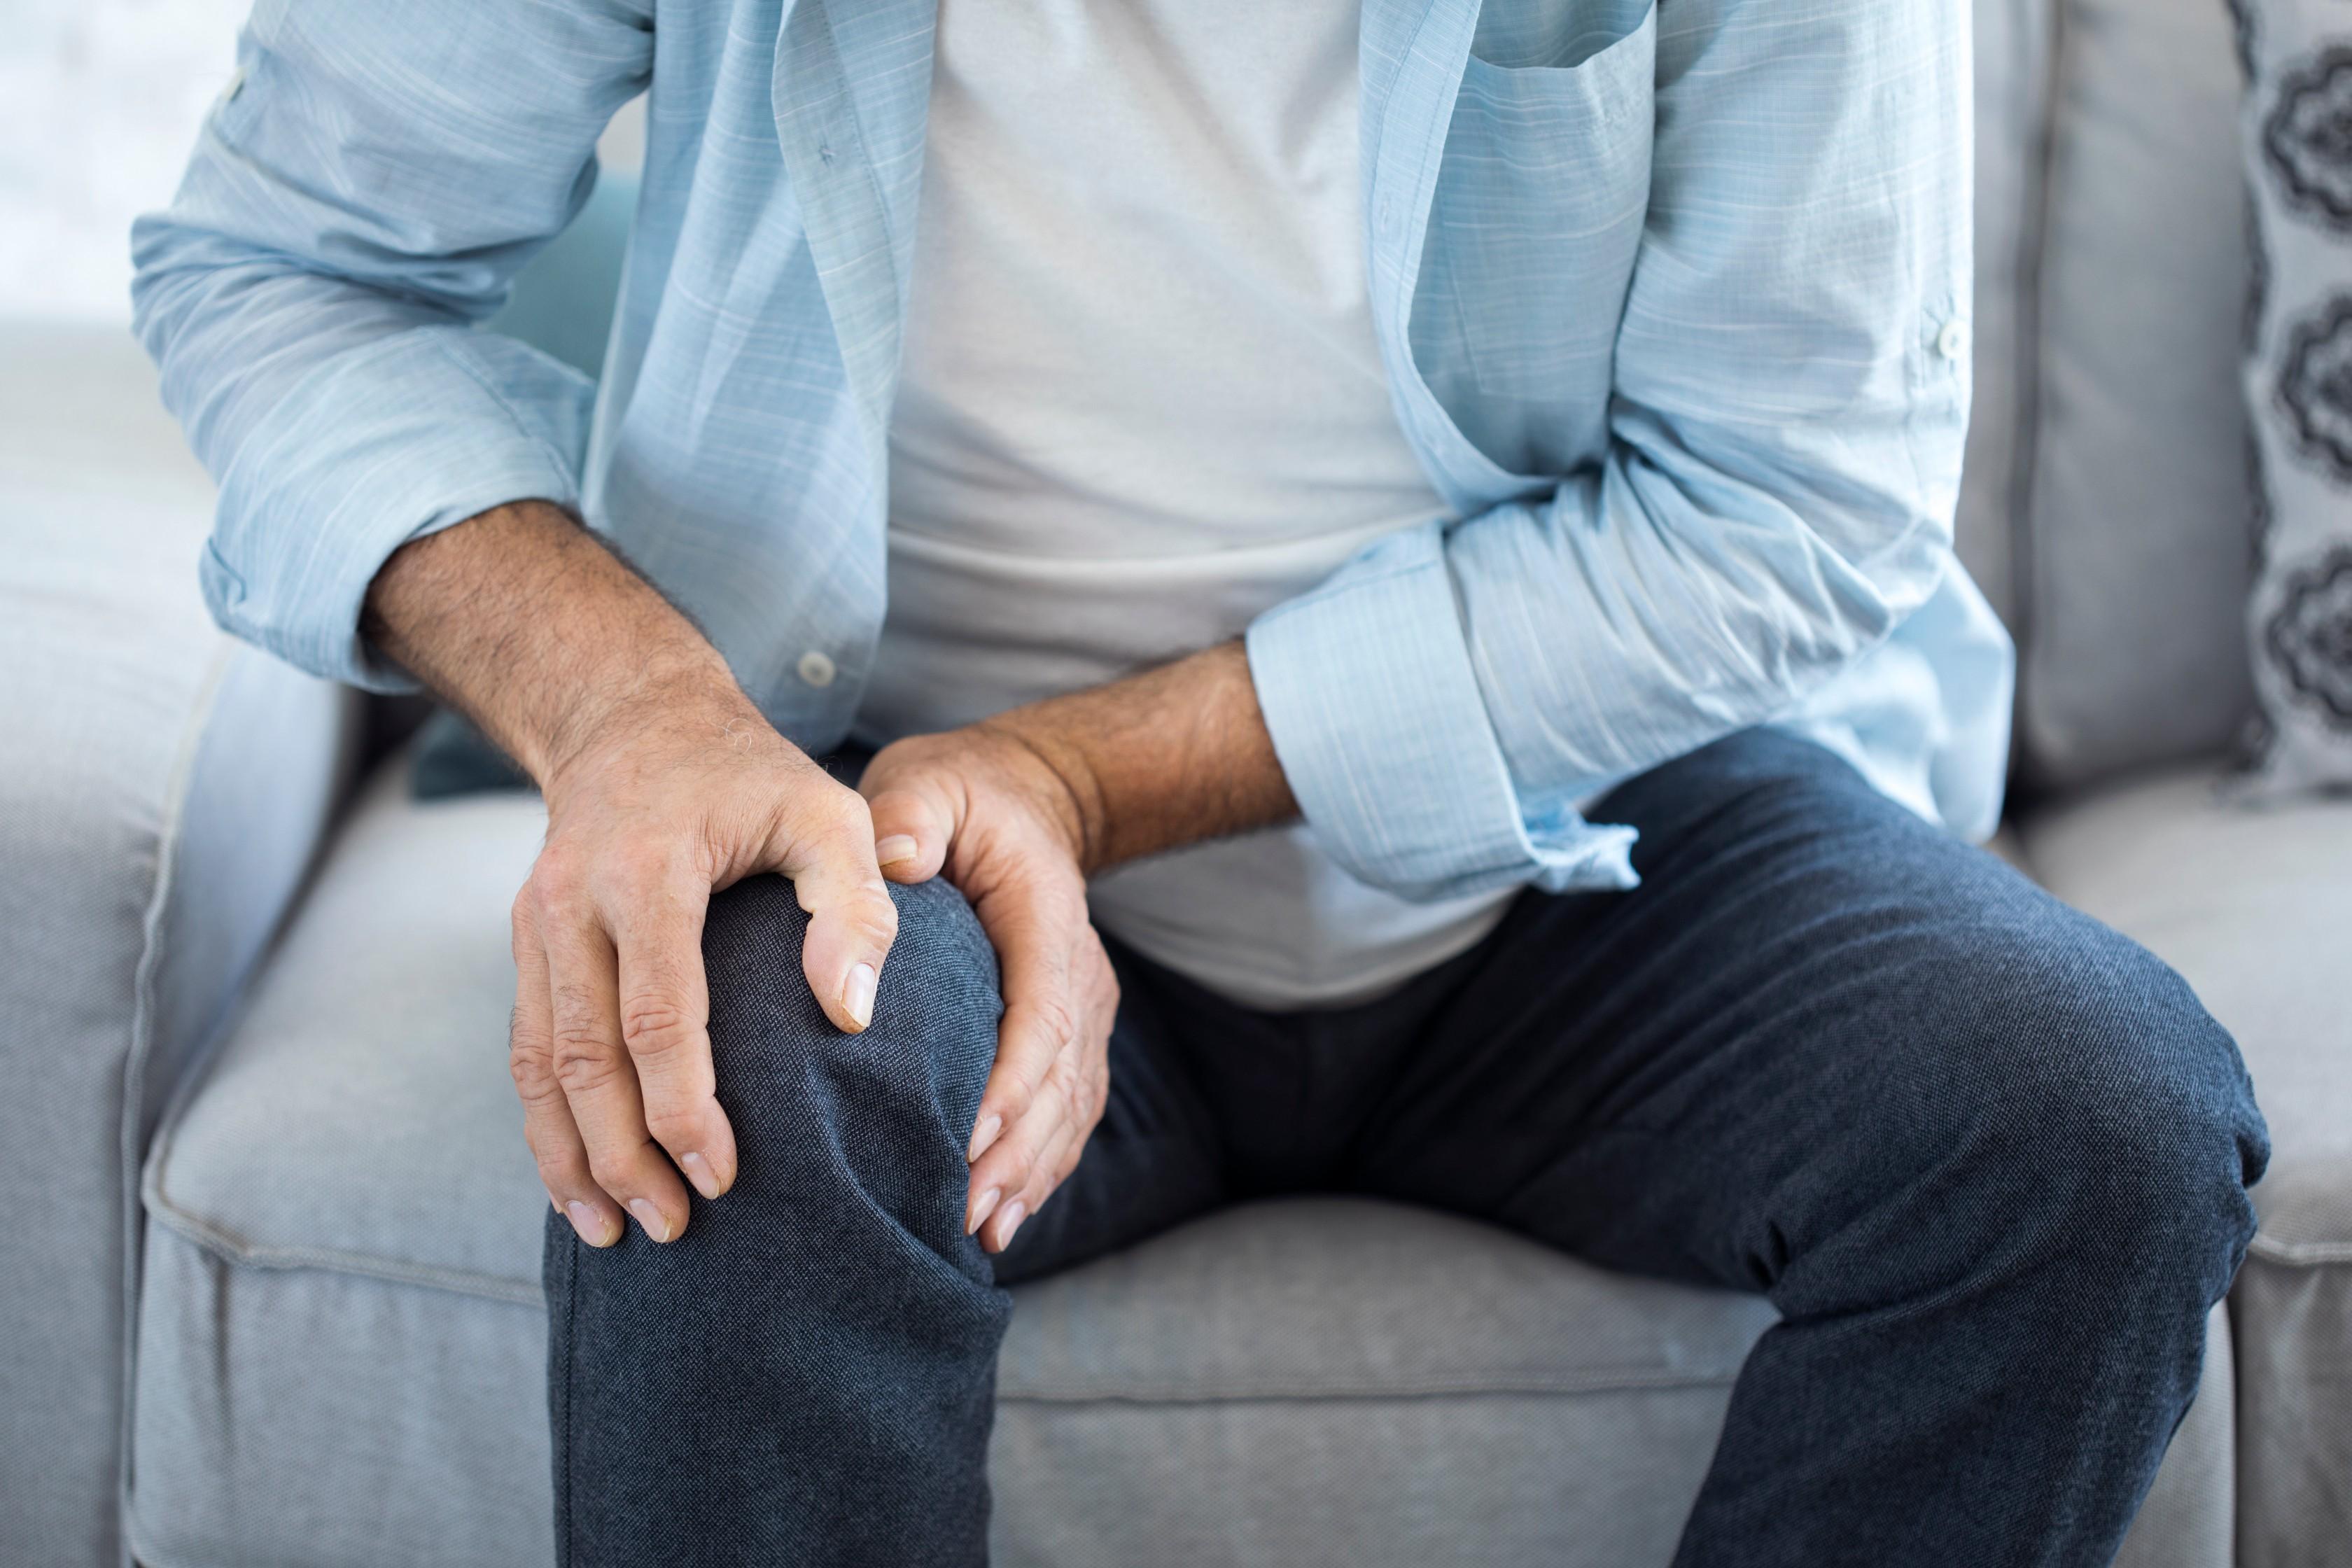 fájdalom a lábak ízületeiben ülőkor)